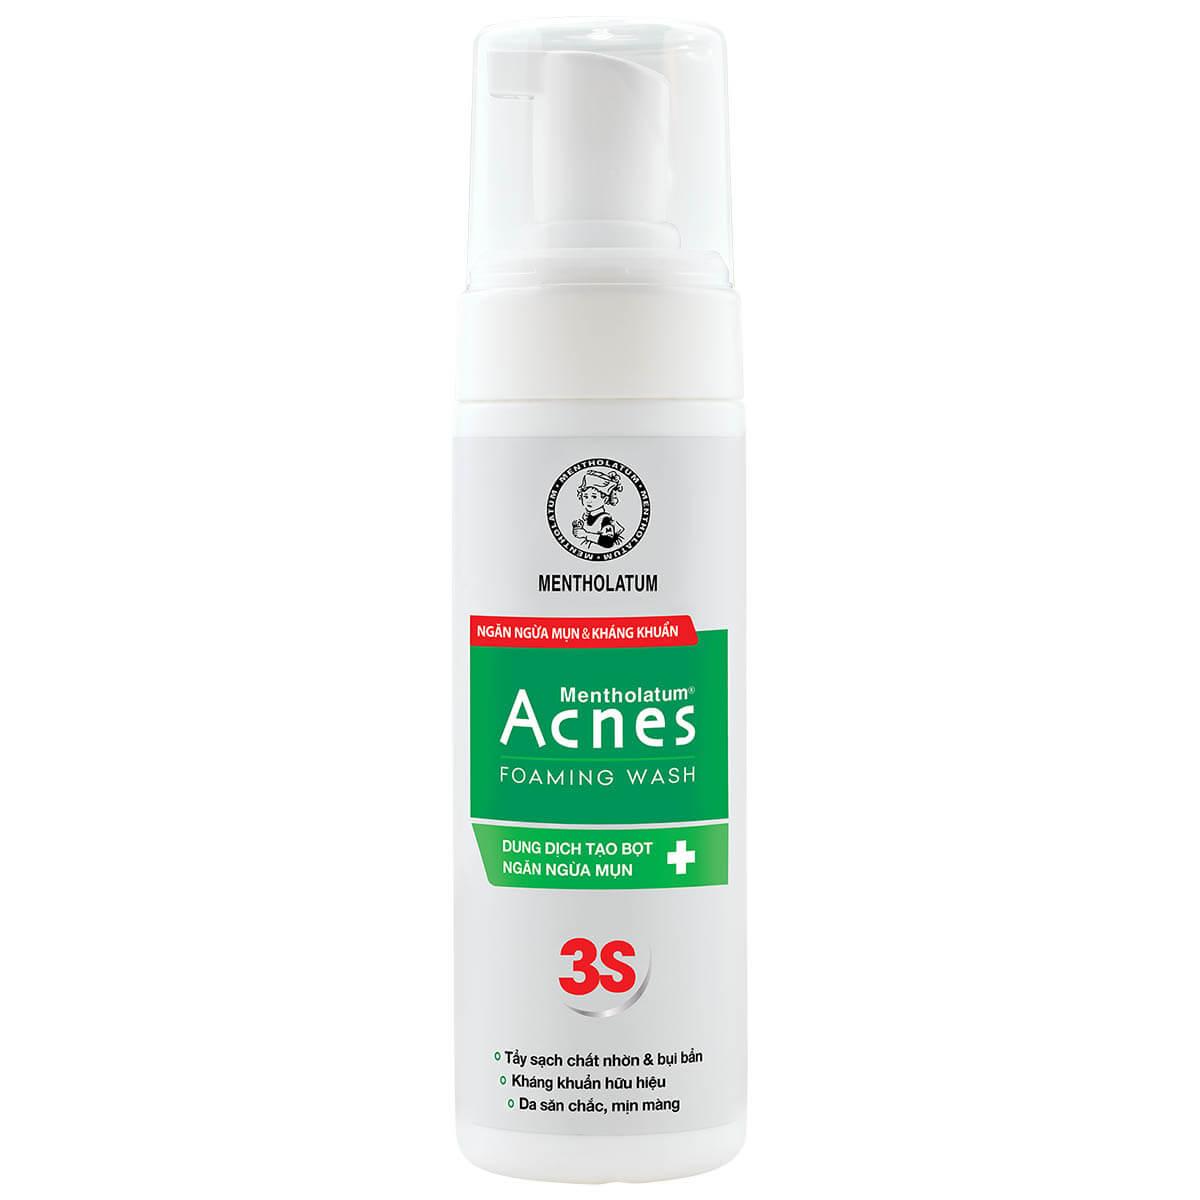 Acnes Foaming Wash - Dung dịch tạo bọt ngăn ngừa mụn - Giá: 65.000đ